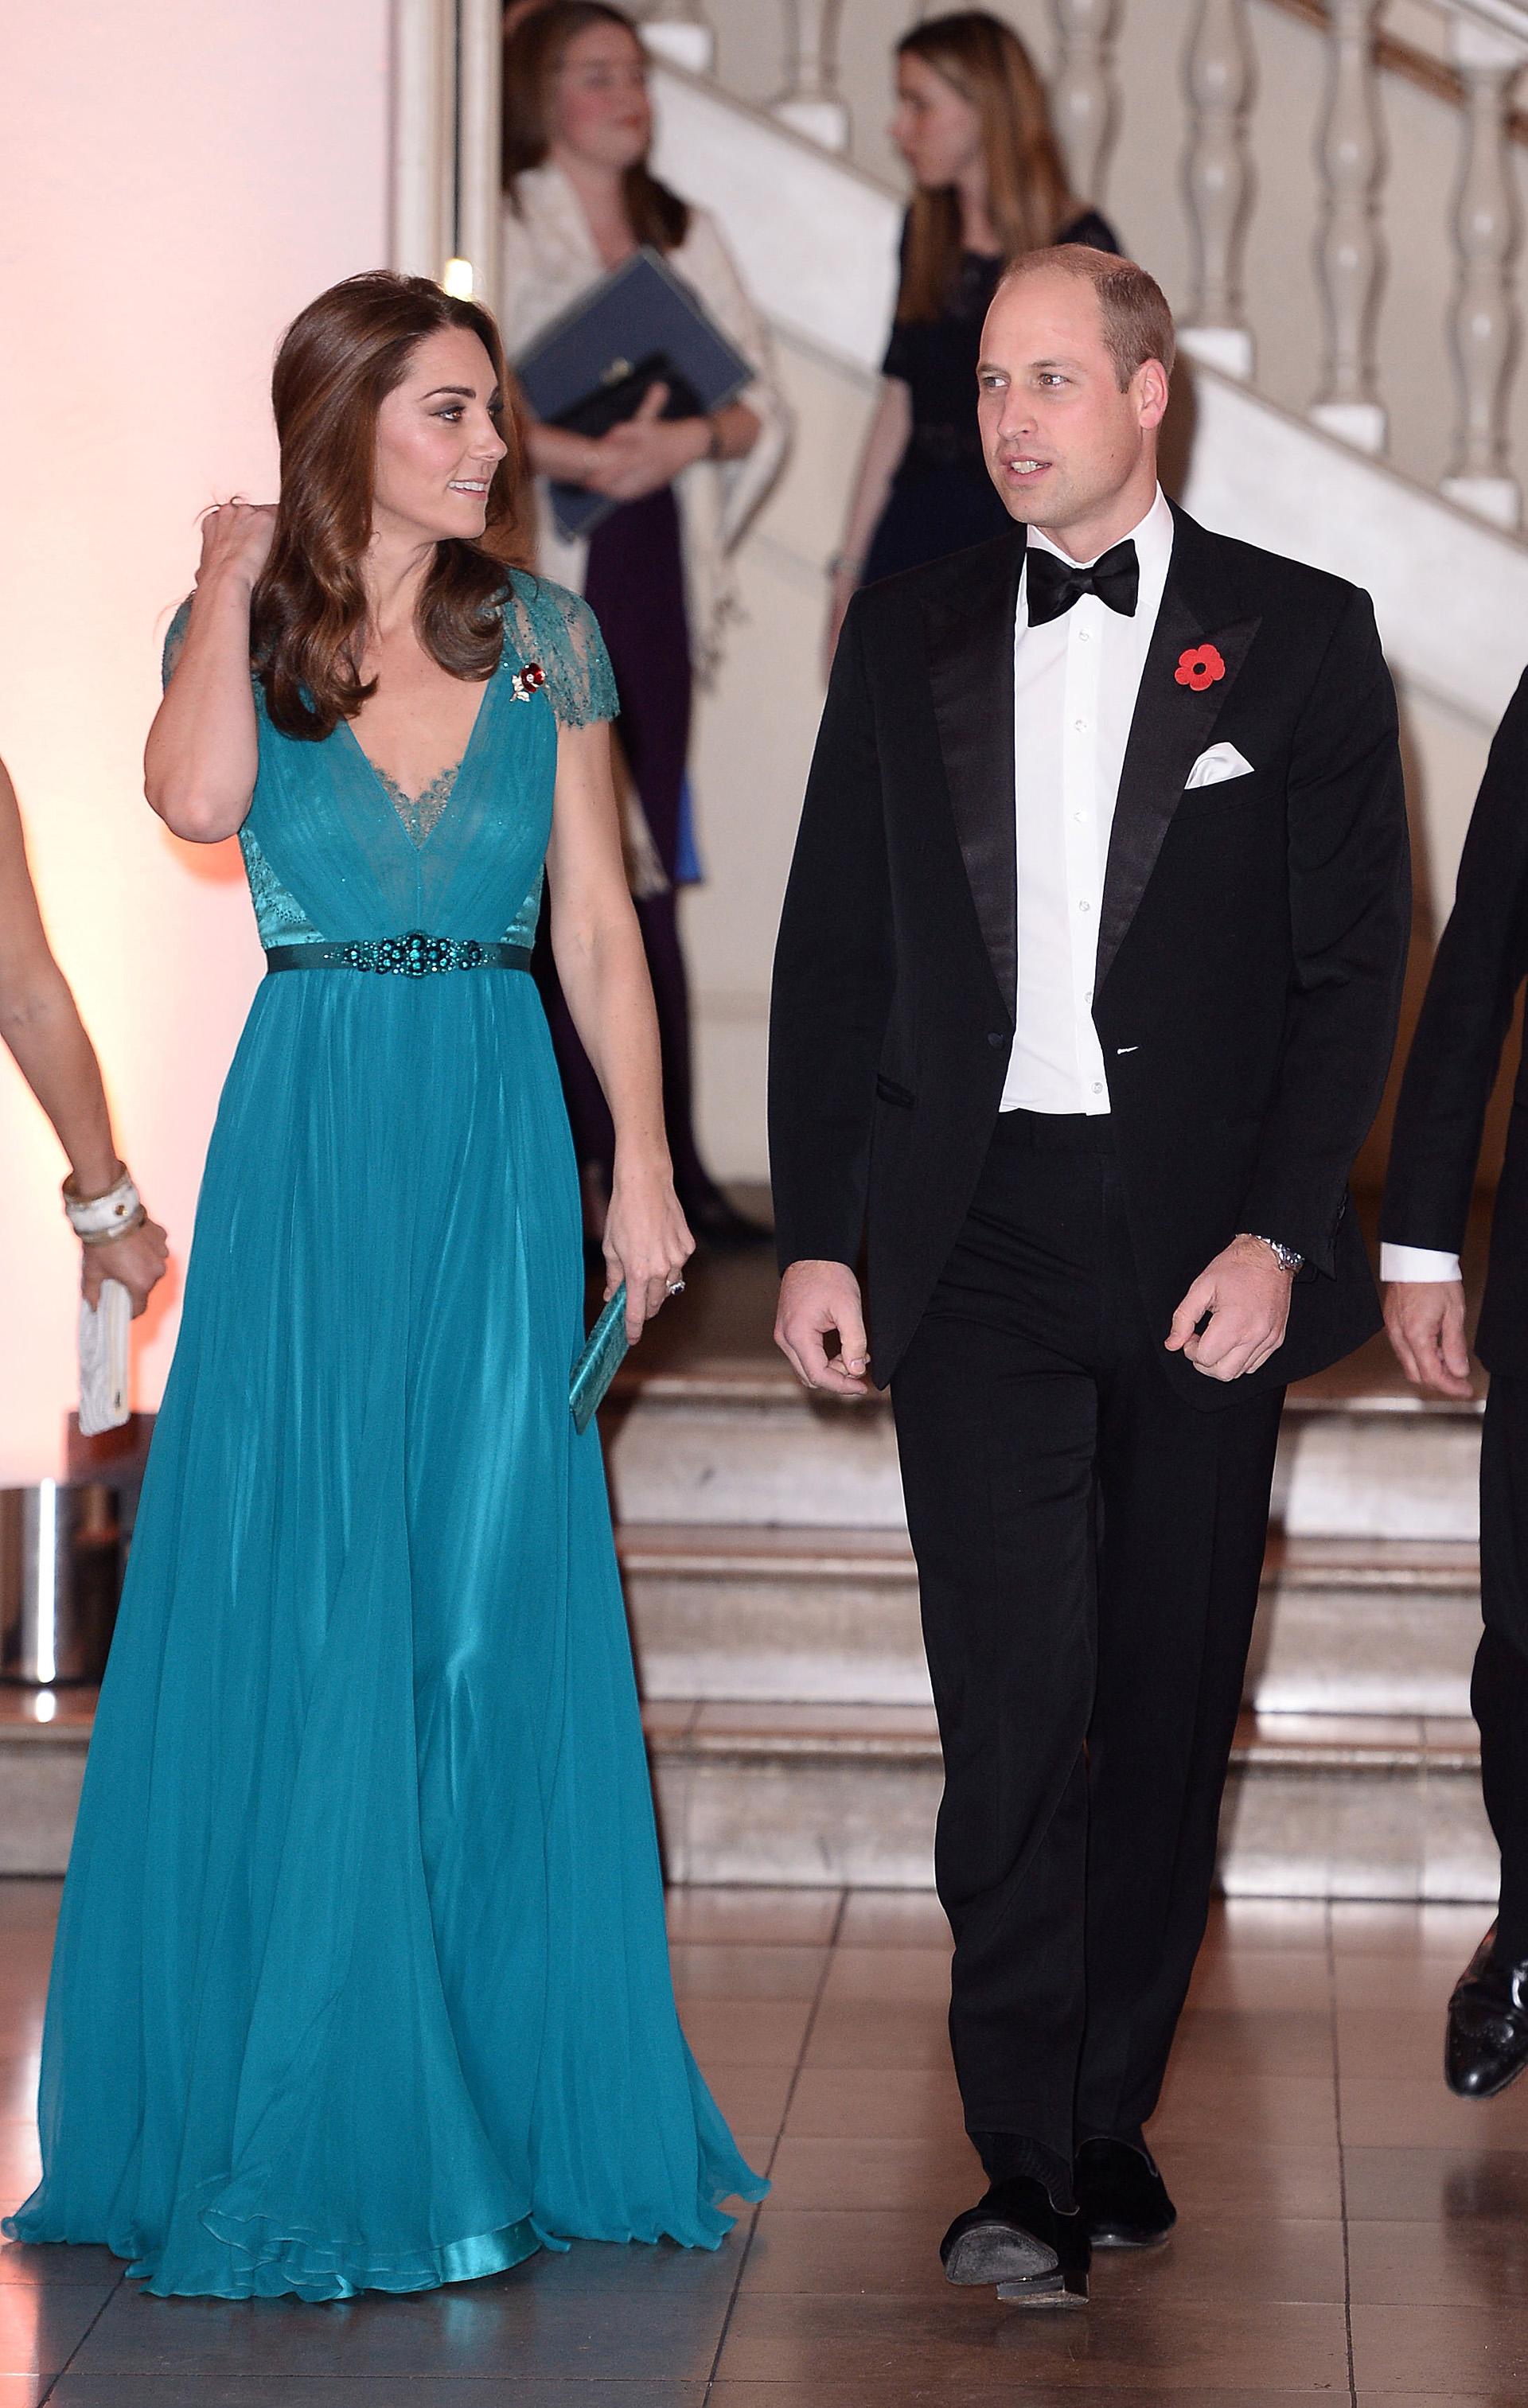 A los 36 años, Catalina se muestra plena y feliz acompañando a su marido en sus compromisos protocolares